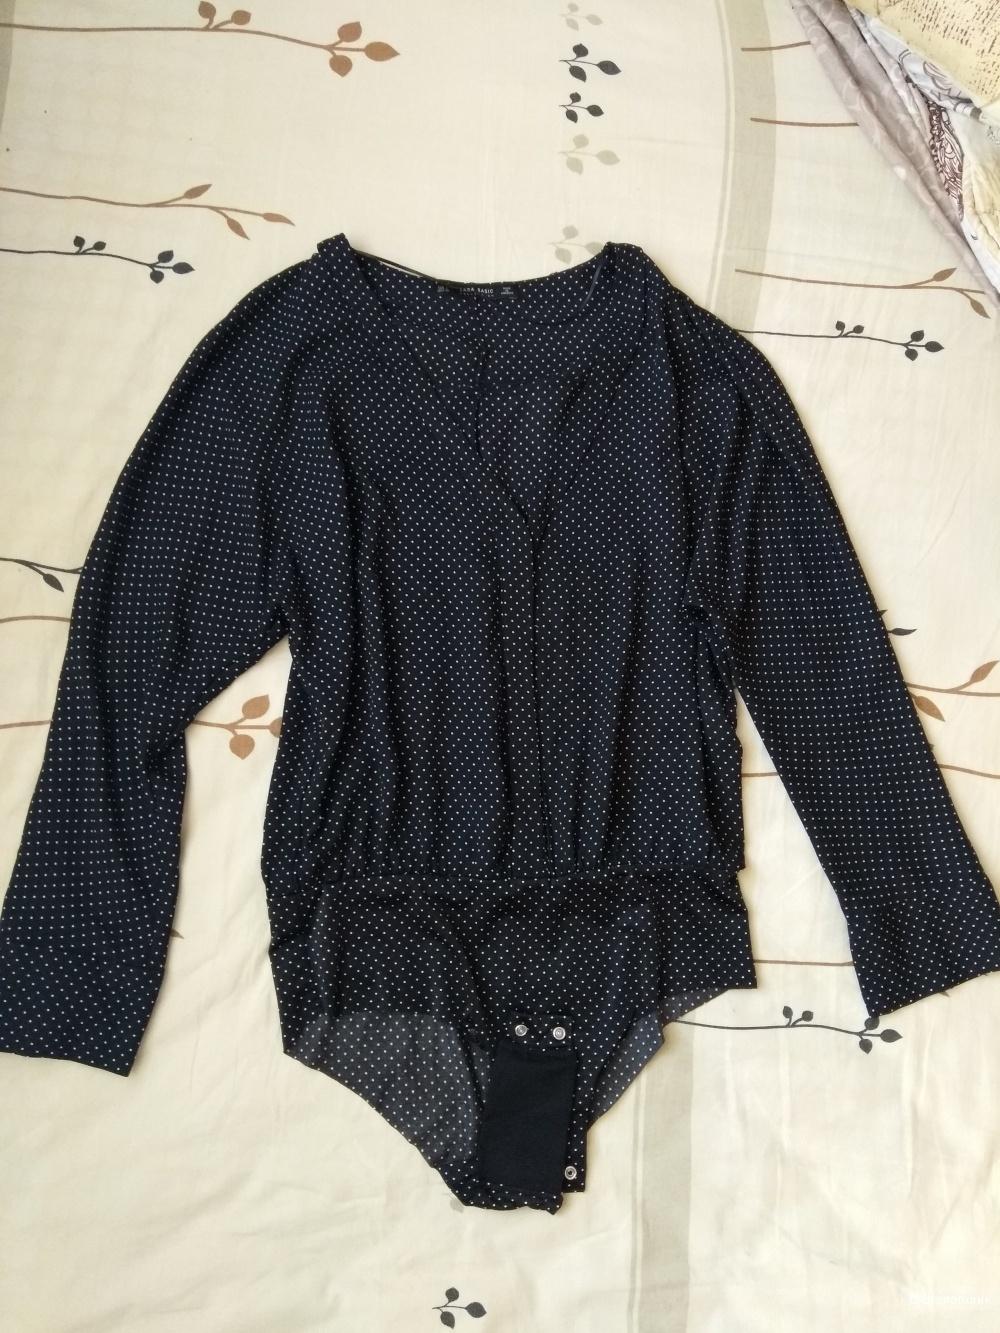 Рубашка боди Zara 50-52 размер